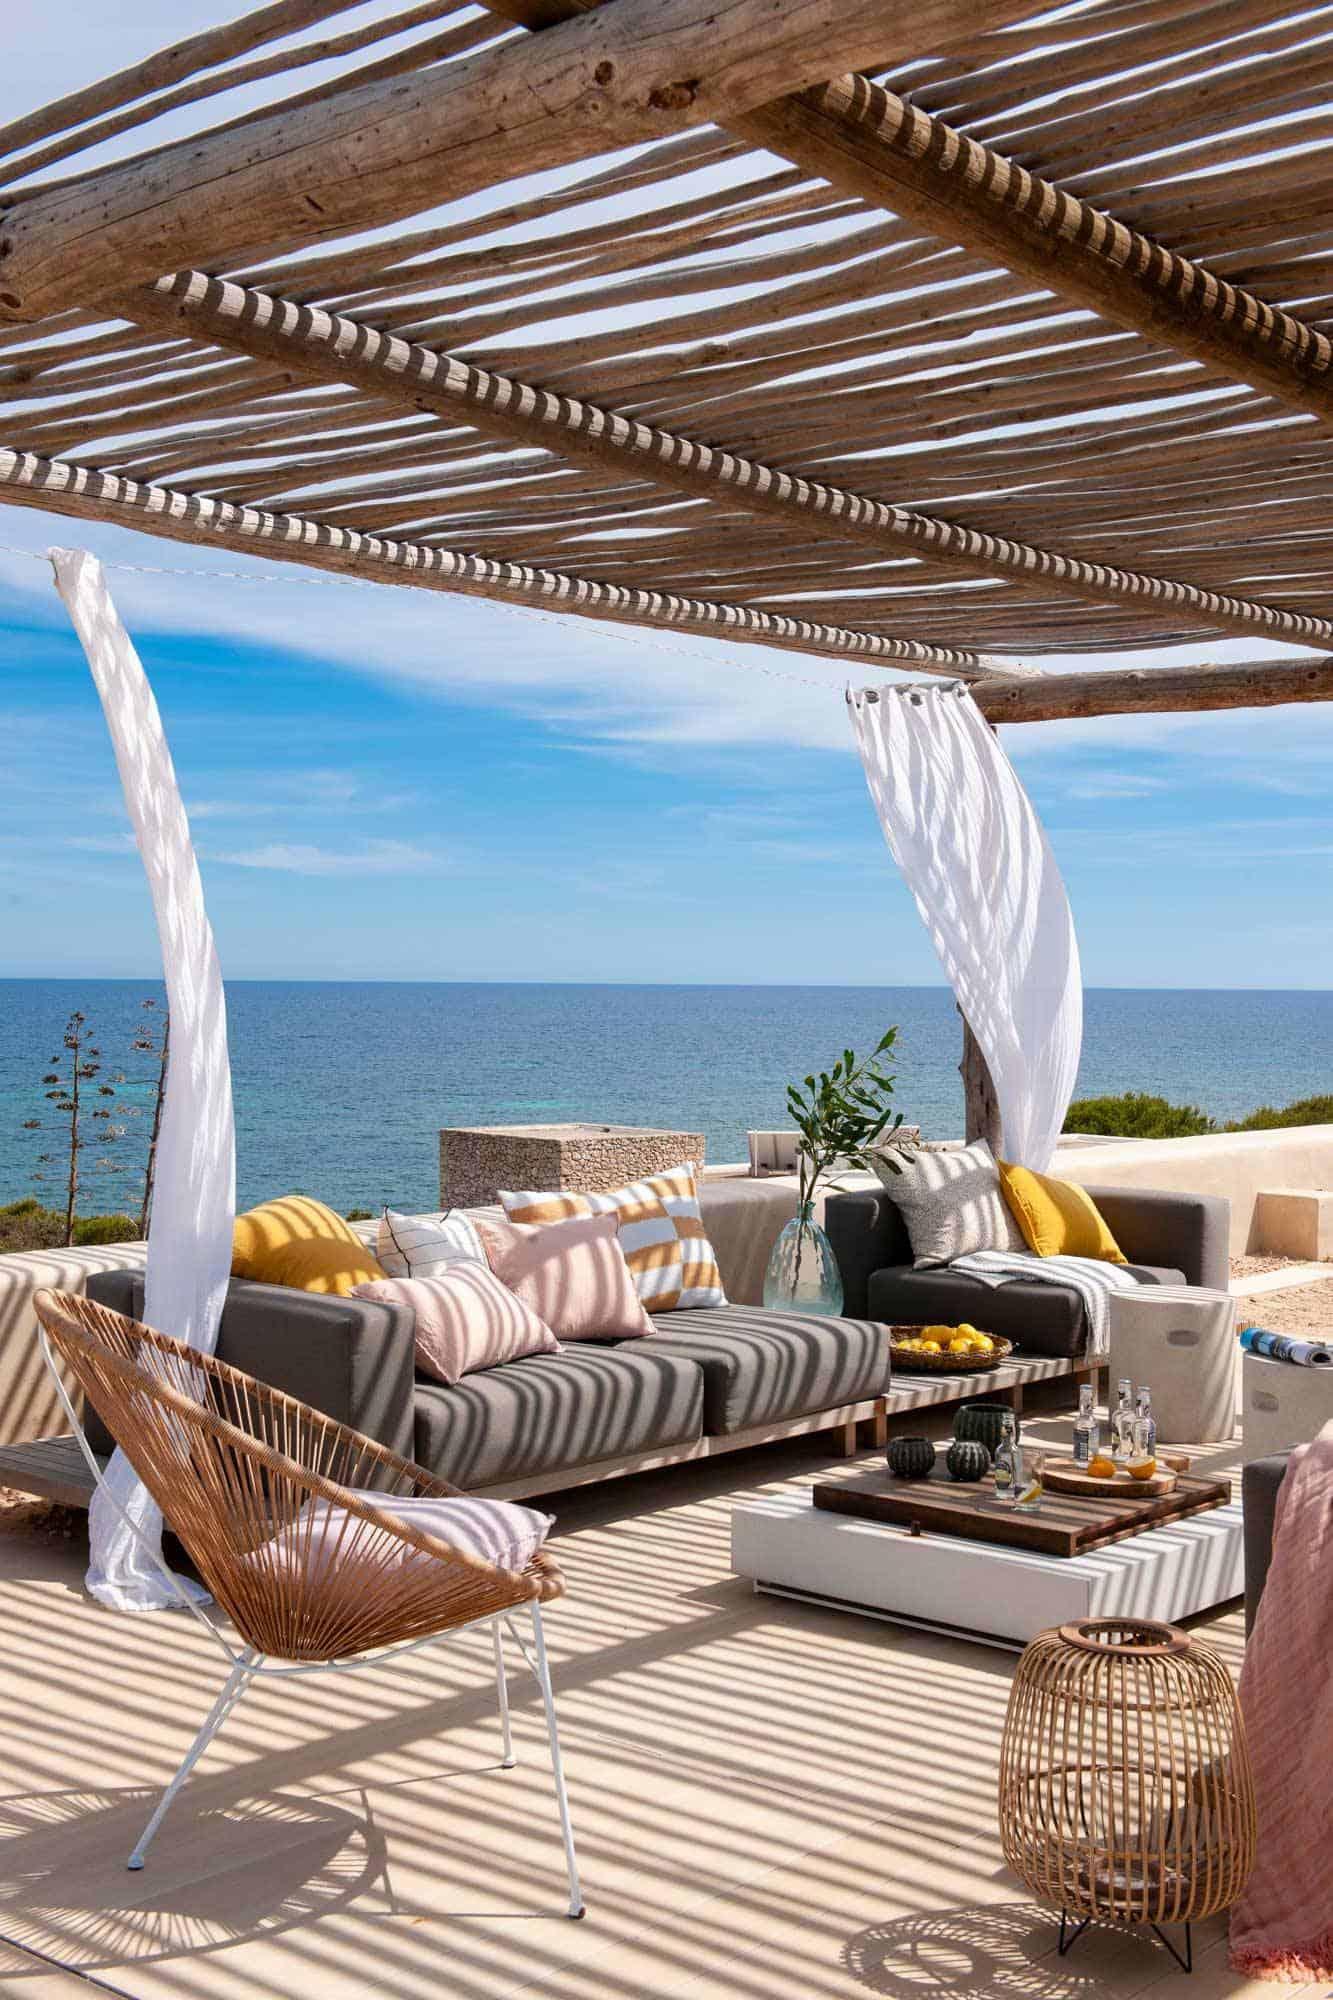 pergola-design-ideas-with-view-of-mediterranean-sea